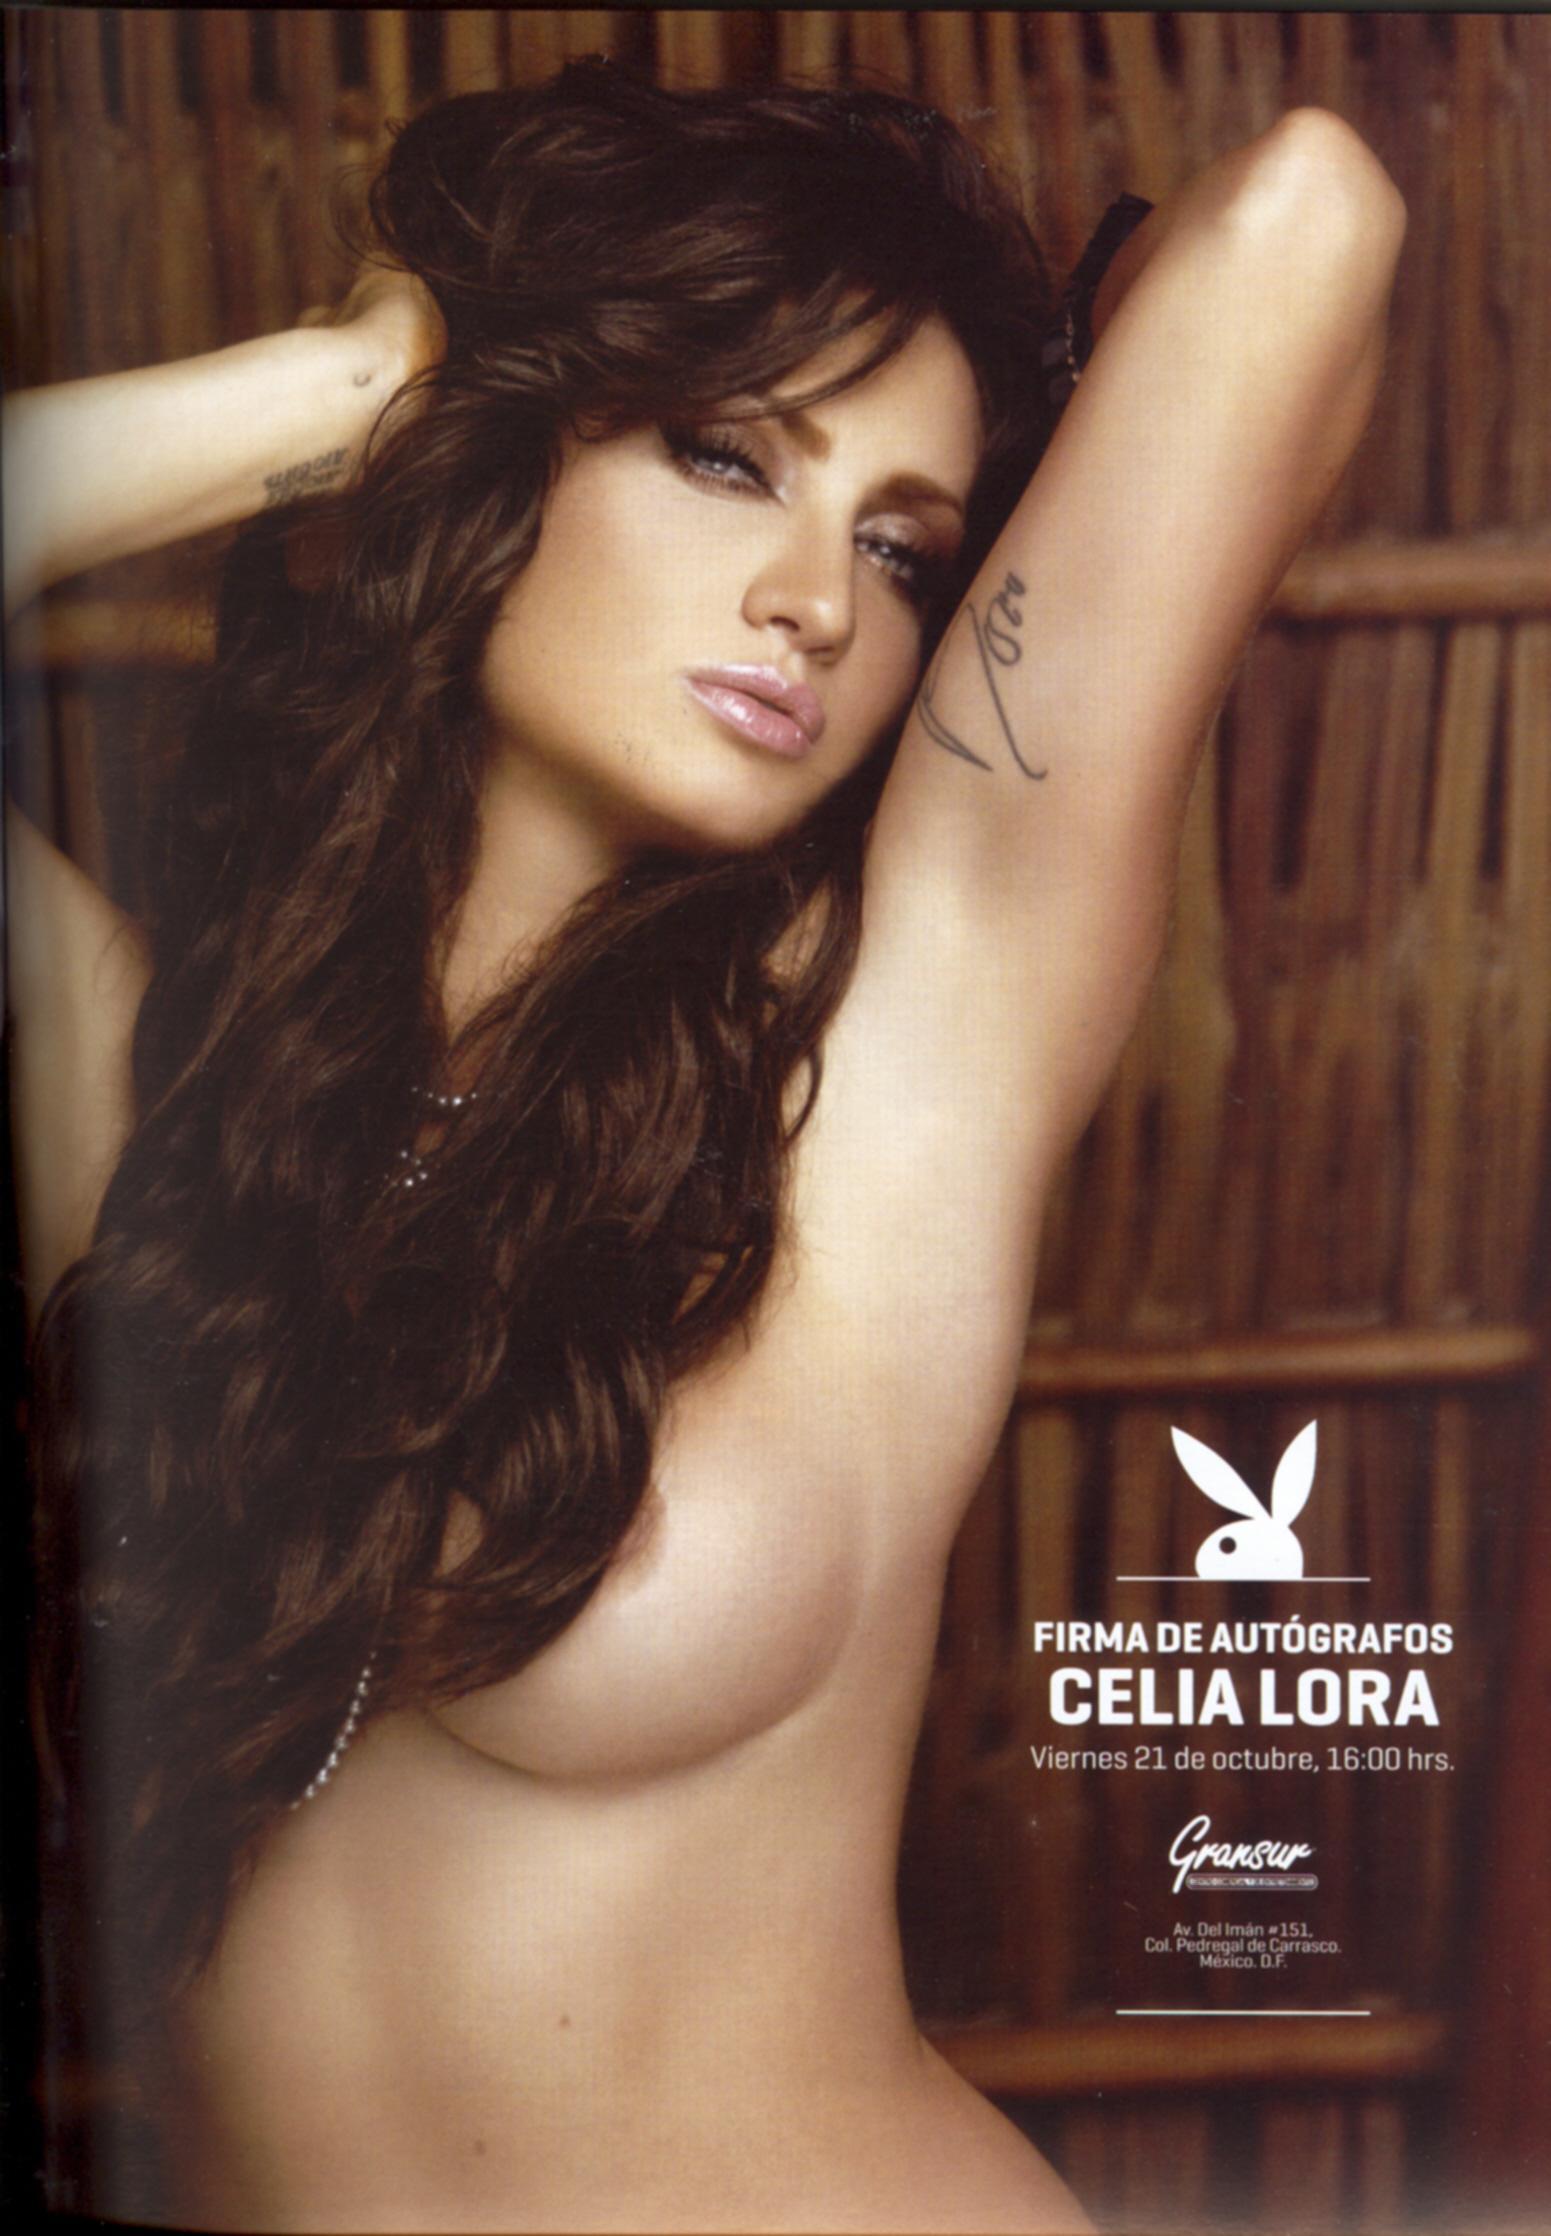 !!Agárrese!! Aquí están las fotos de Celia Lora para Playboy ...